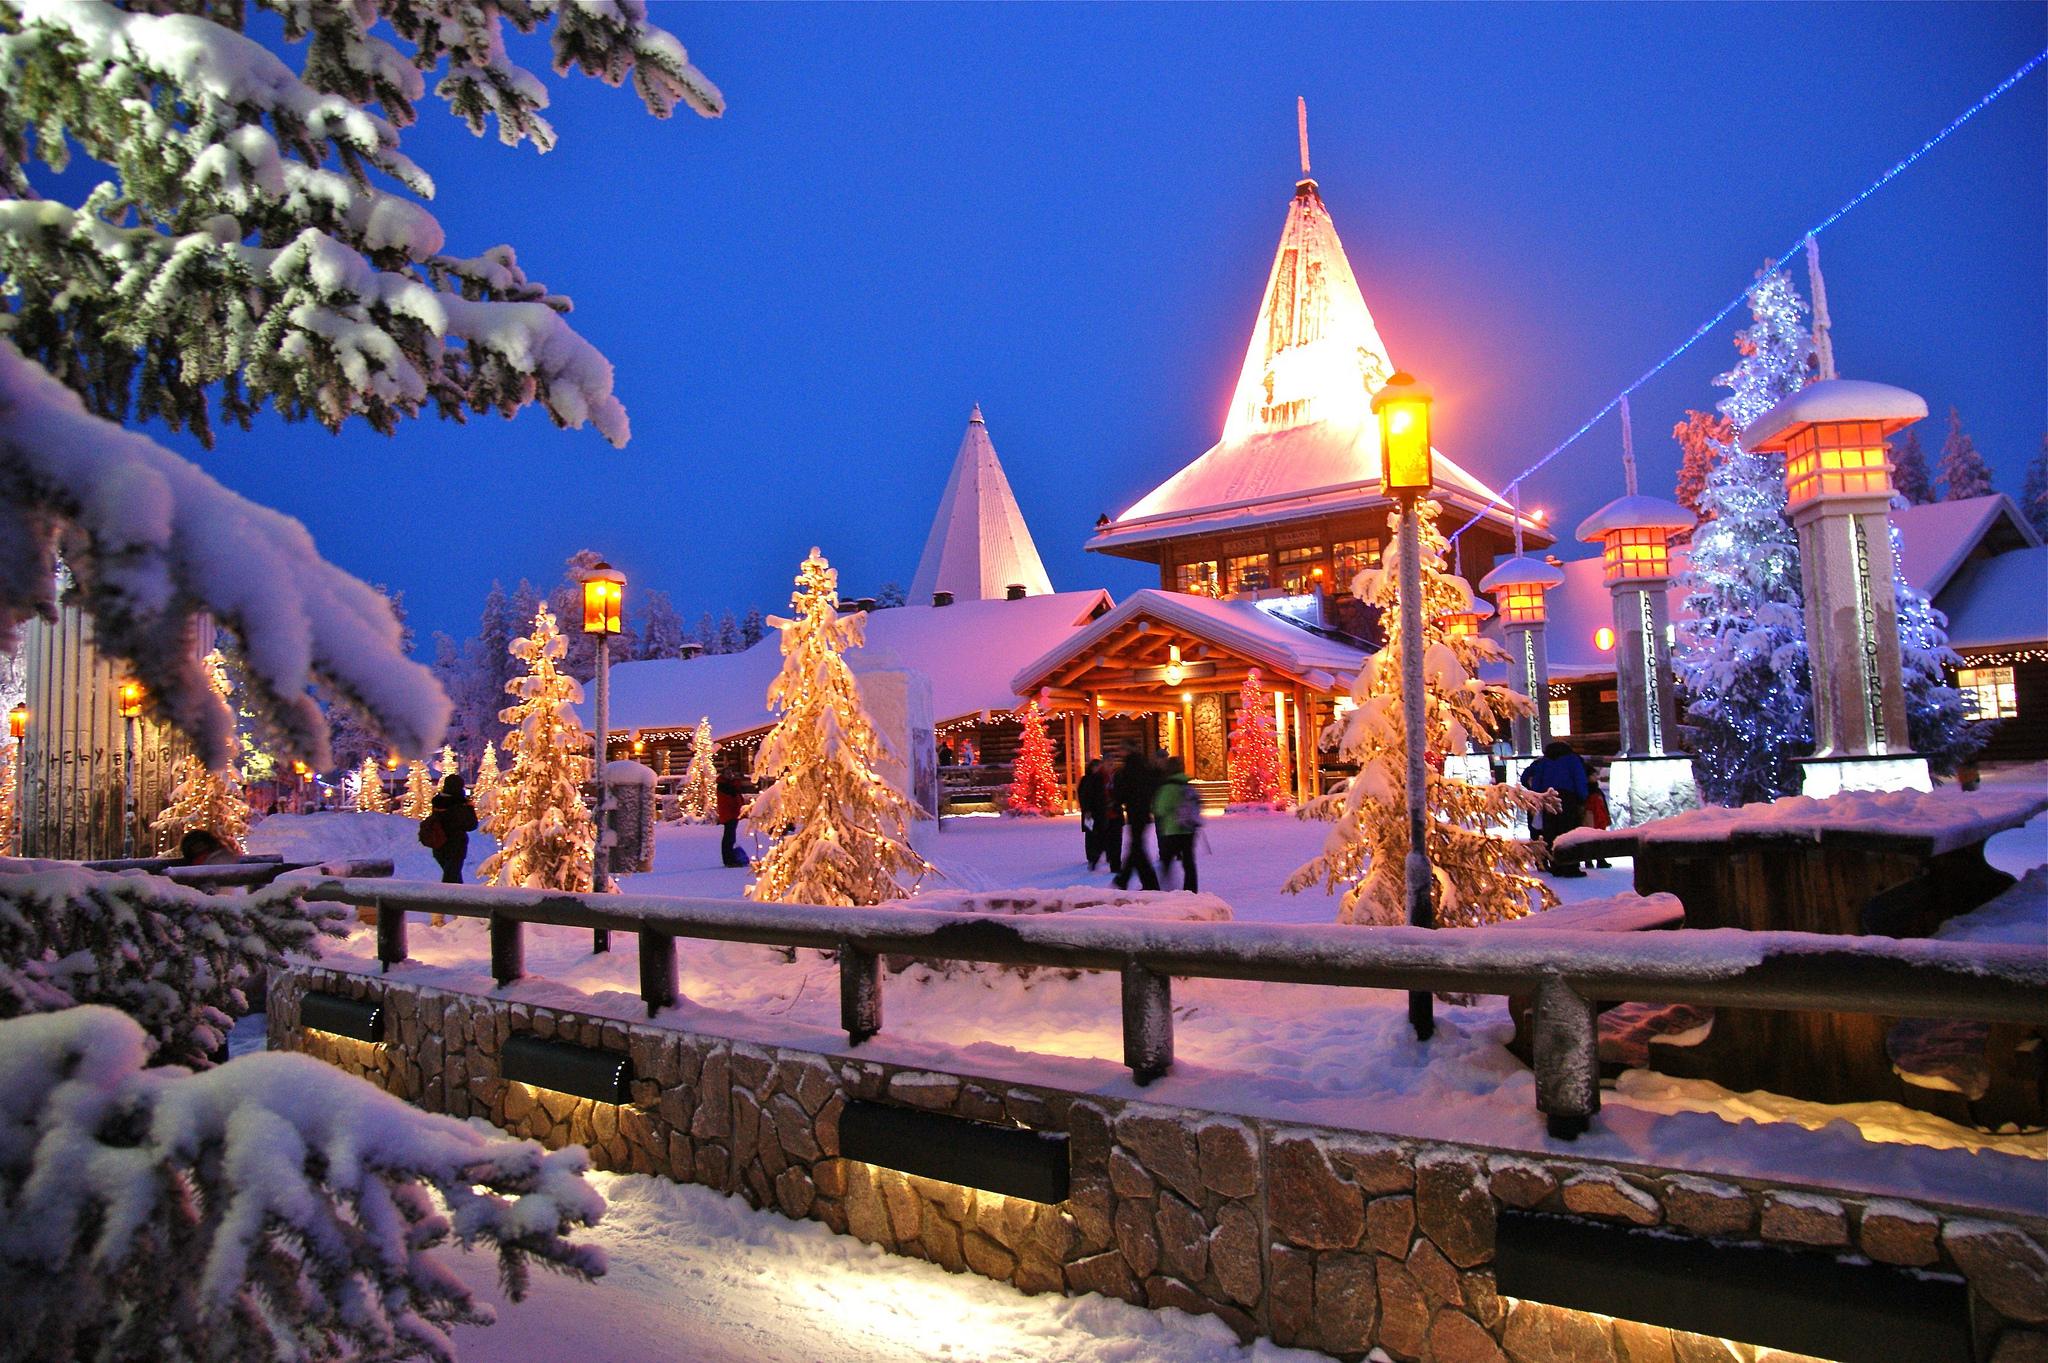 Rovaniemi Lapponia Babbo Natale.Rovaniemi Dicembre In Lapponia A Casa Di Babbo Natale